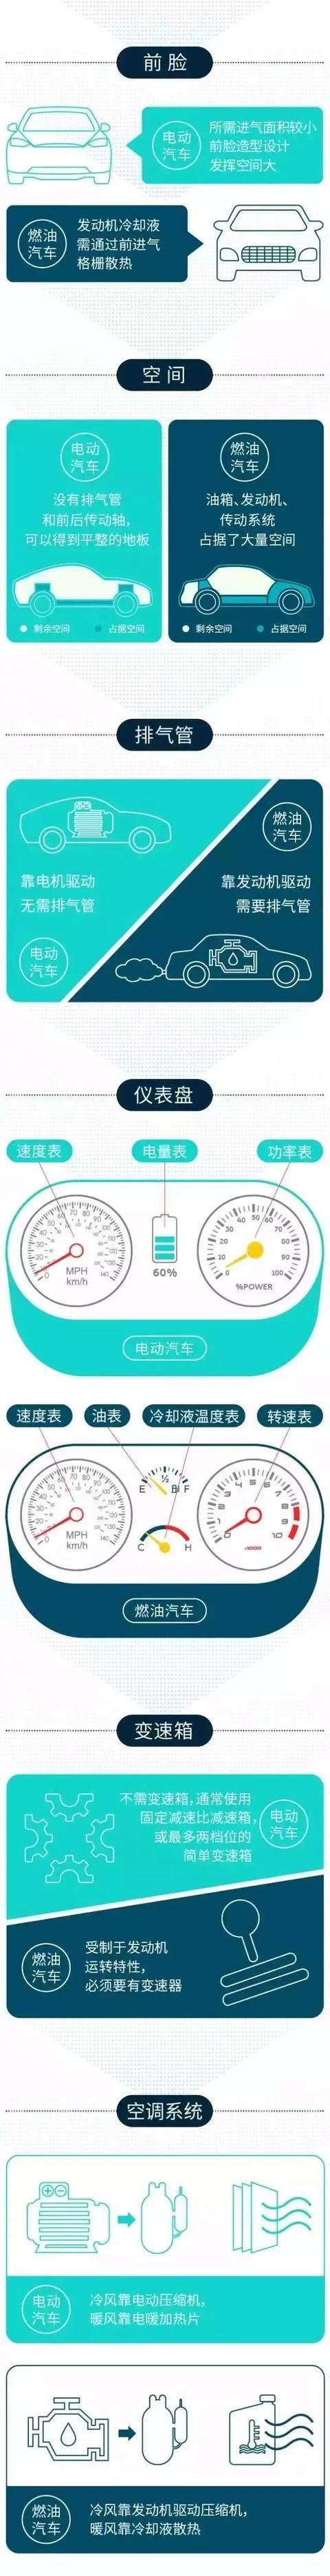 一张图看懂燃油汽车与电动汽车的零部件及系统差异